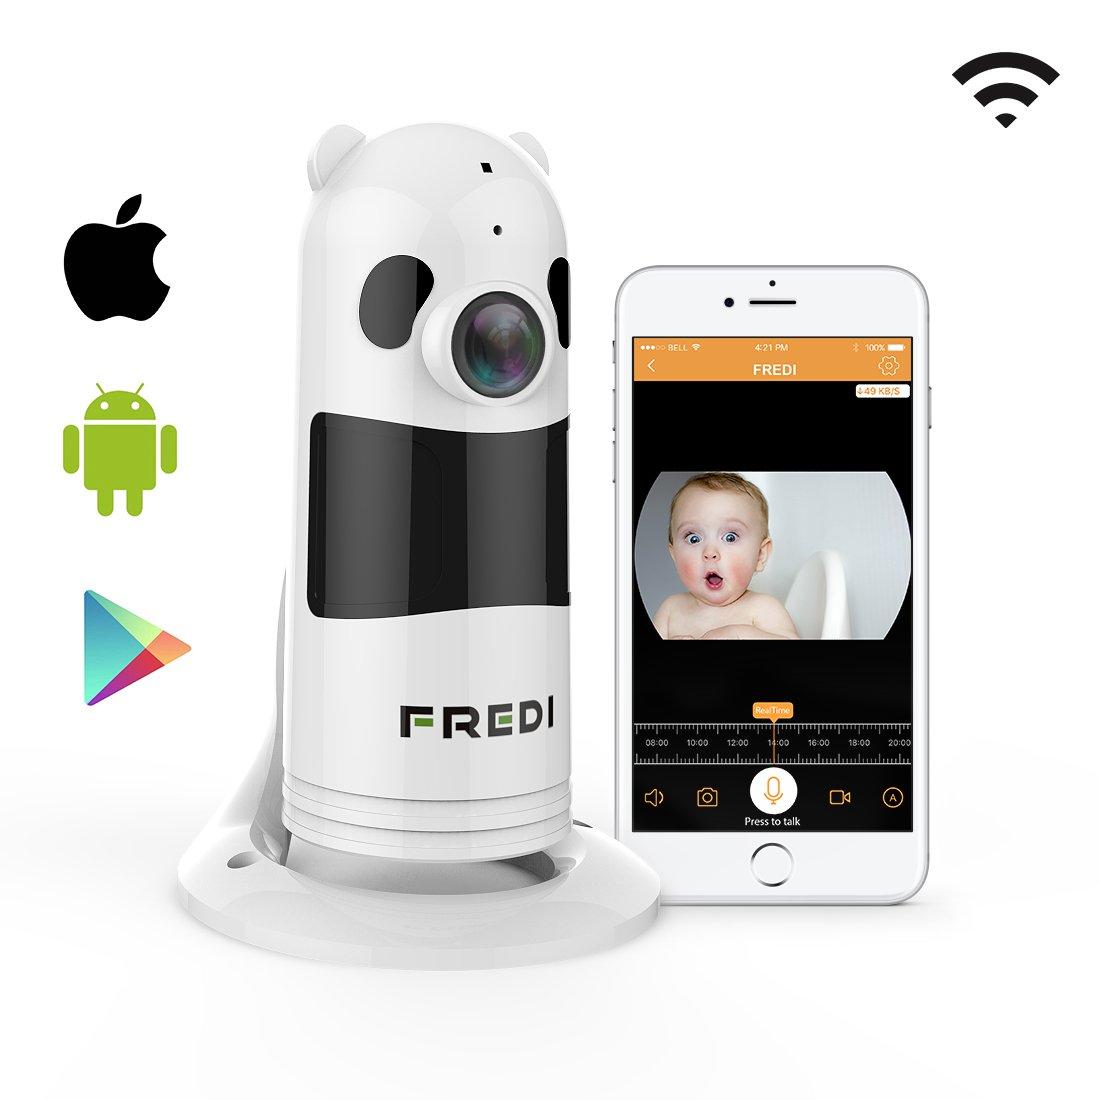 HD 1080P FREDI C/ámara Panor/ámica//WiFi C/ámara IP//C/ámara Vigilancia//C/ámara Seguridad y Inal/ámbrica//Vigilabebes Baby Monitor IR Visi/ón Nocturna//2-way Talking Detecci/ón de Movimiento Vista Remota-Blanca